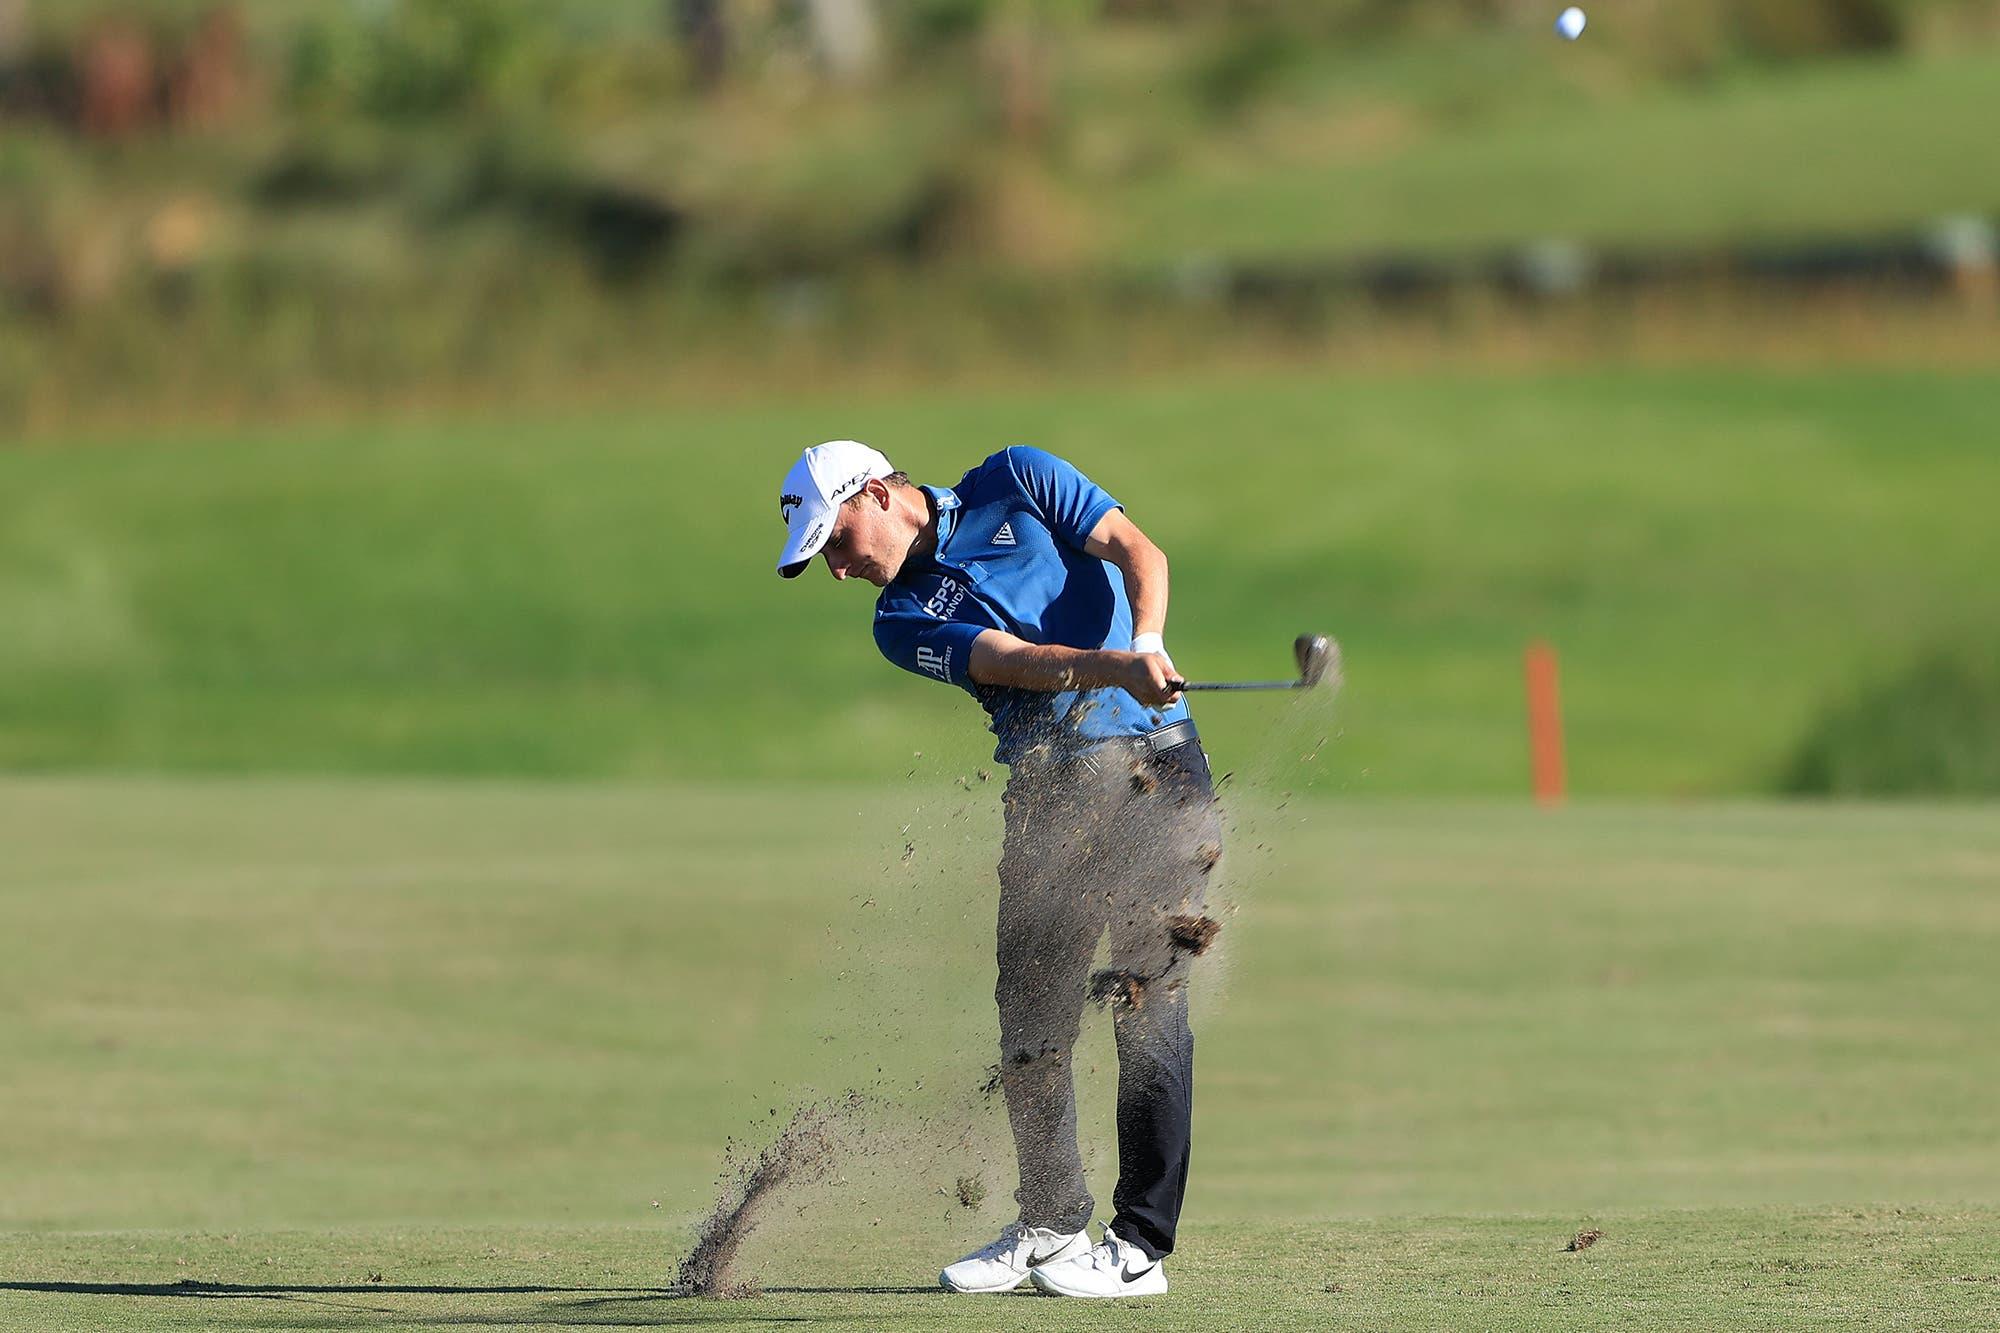 Emiliano Grillo metió todo en el green y vuelve a aspirar a su segundo título en el PGA Tour